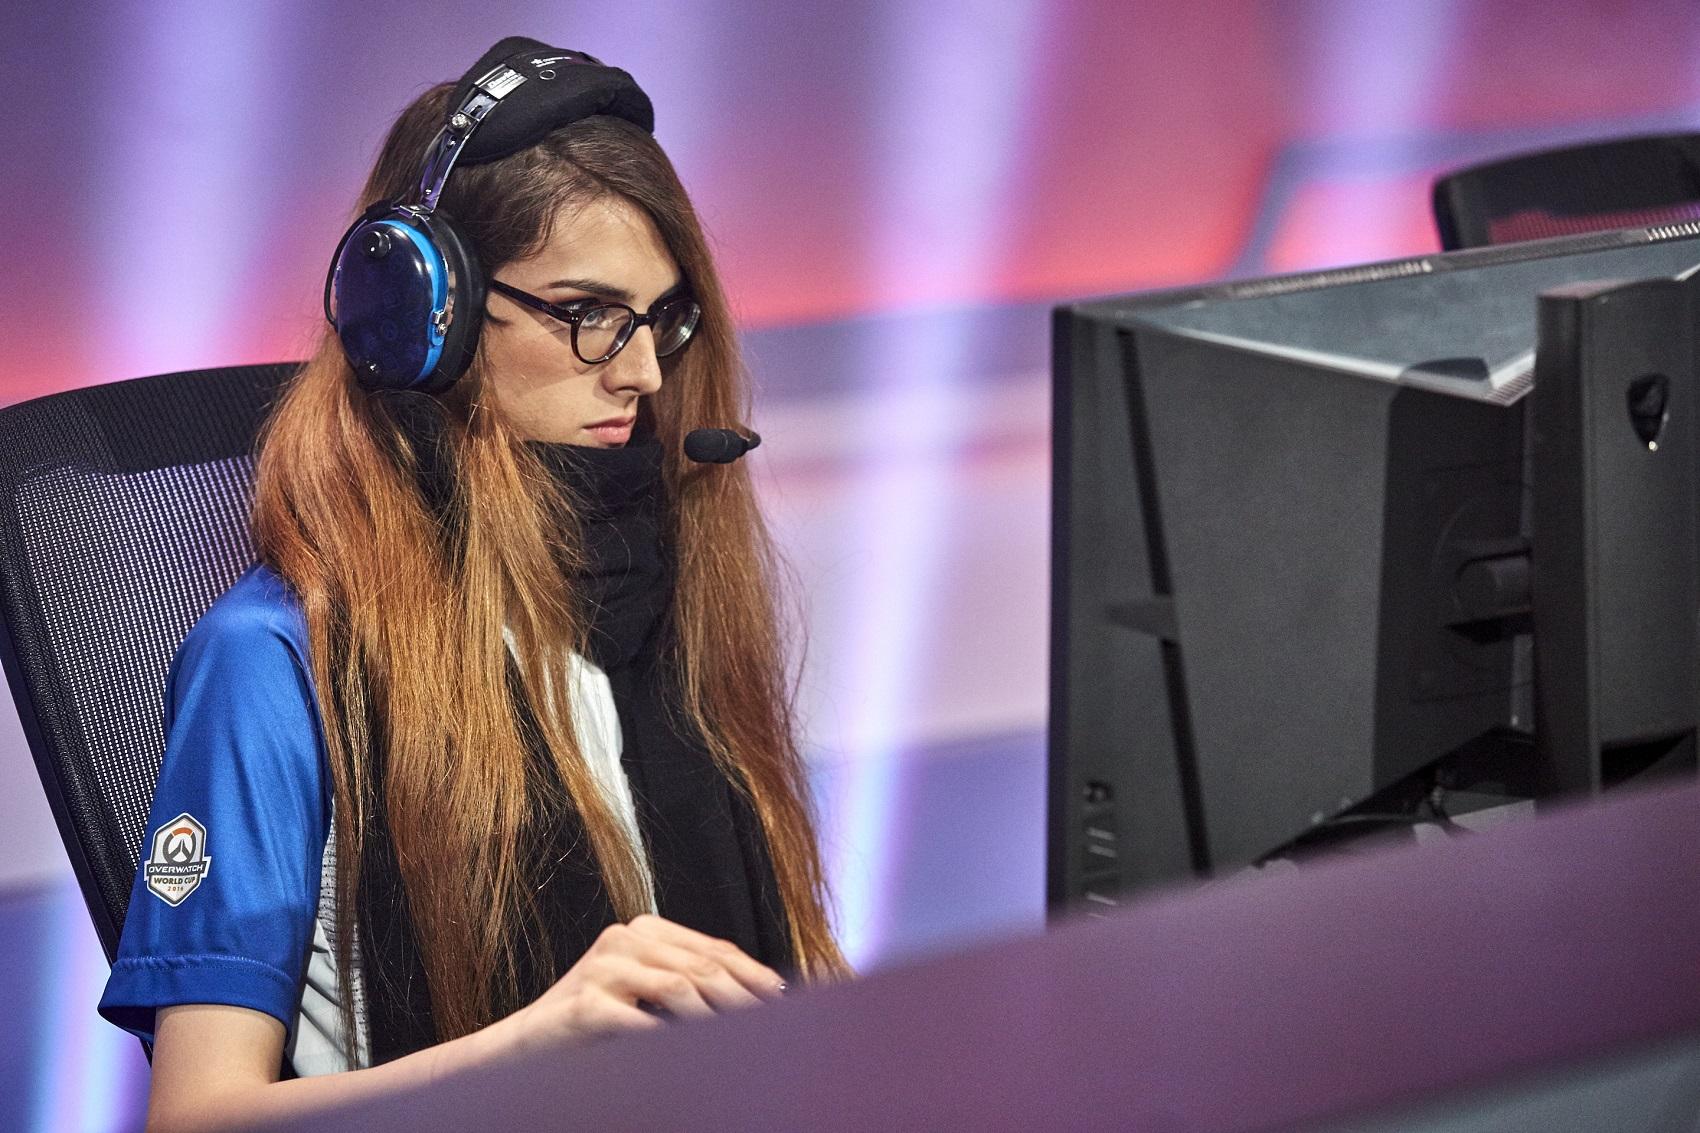 Overwatch: Frauenpower – College gründet eSports-Team nur aus Frauen